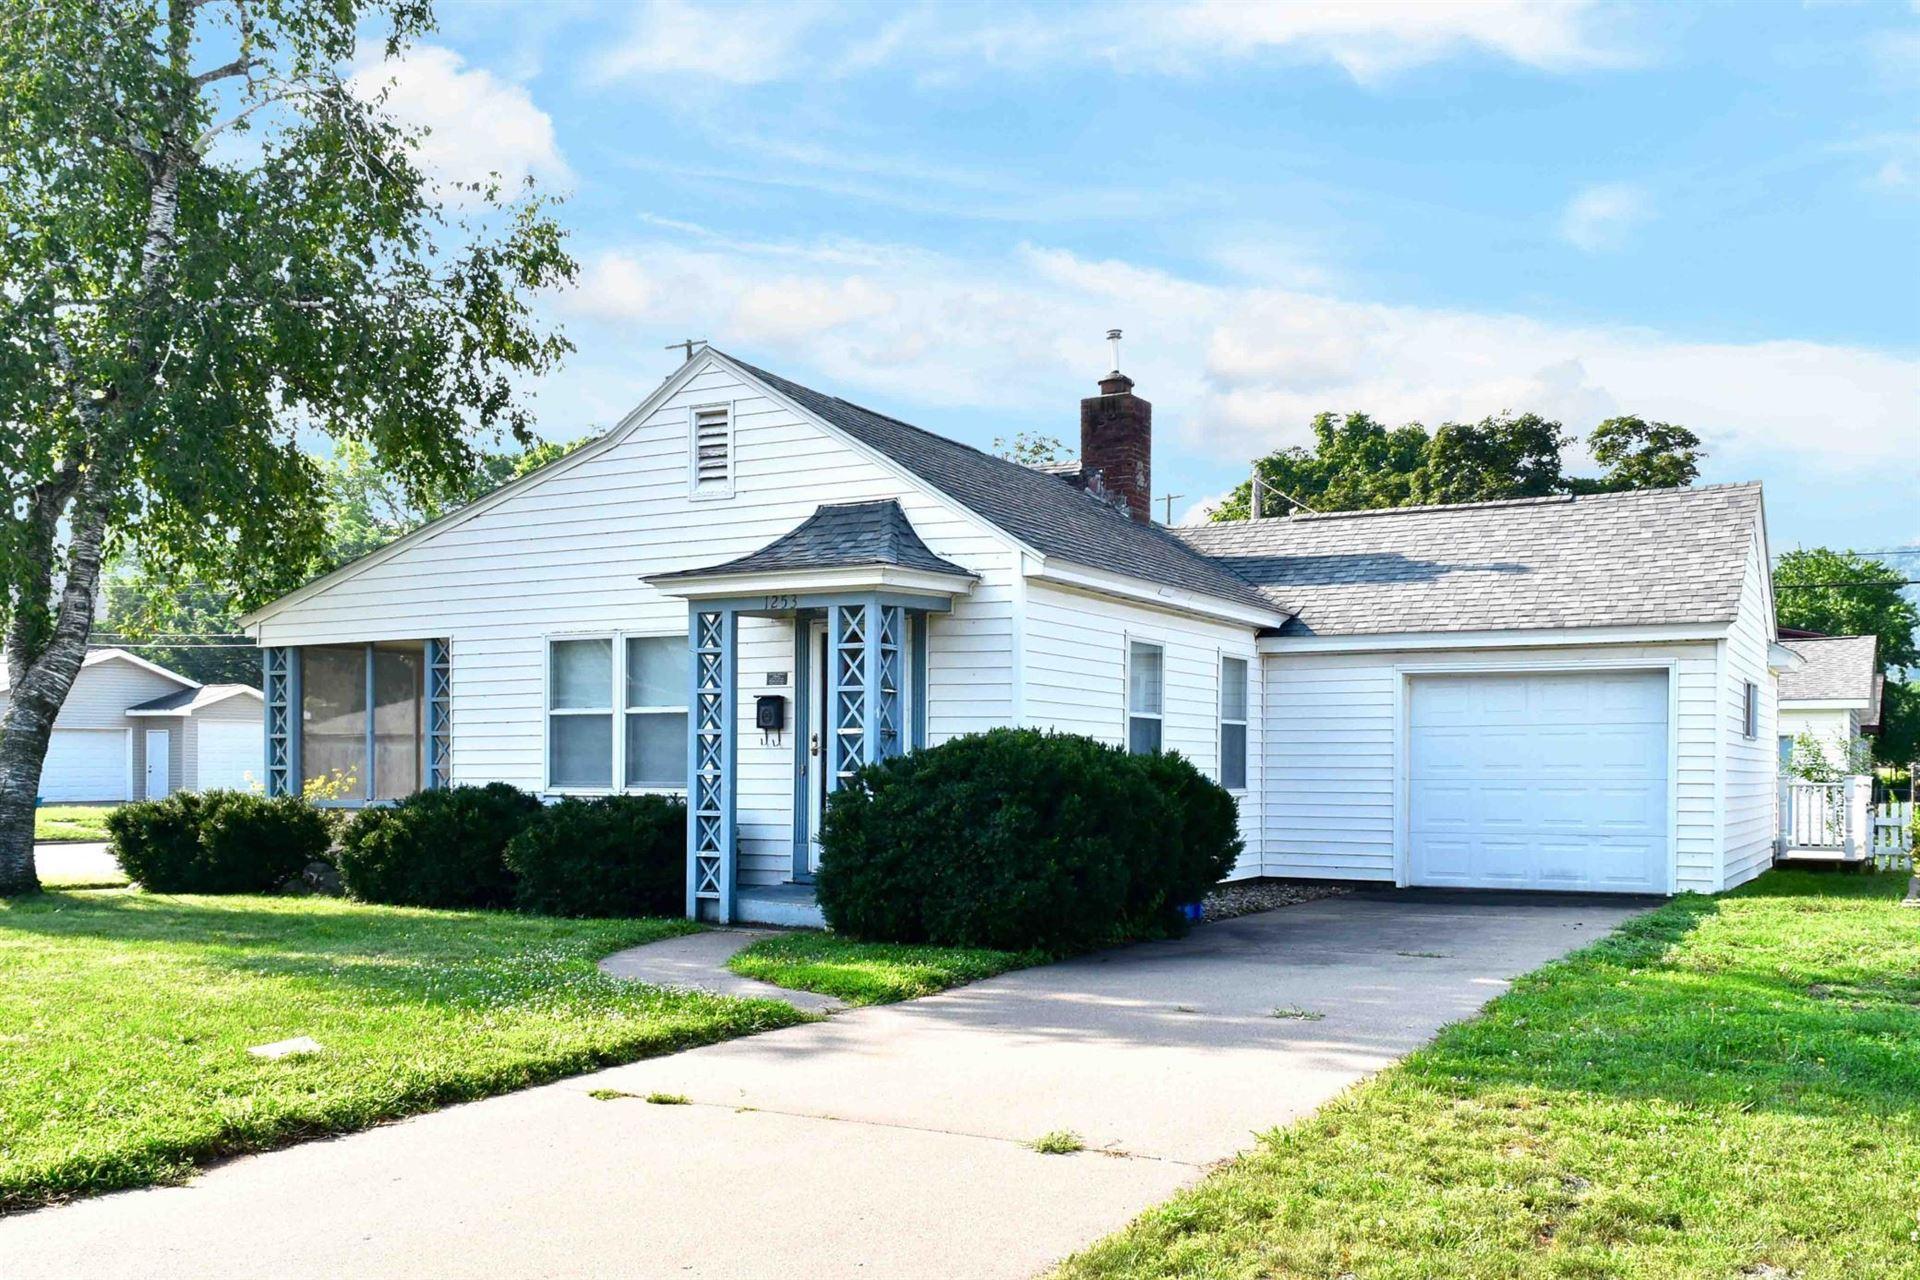 1253 W 5th Street, Winona, MN 55987 - MLS#: 6072876